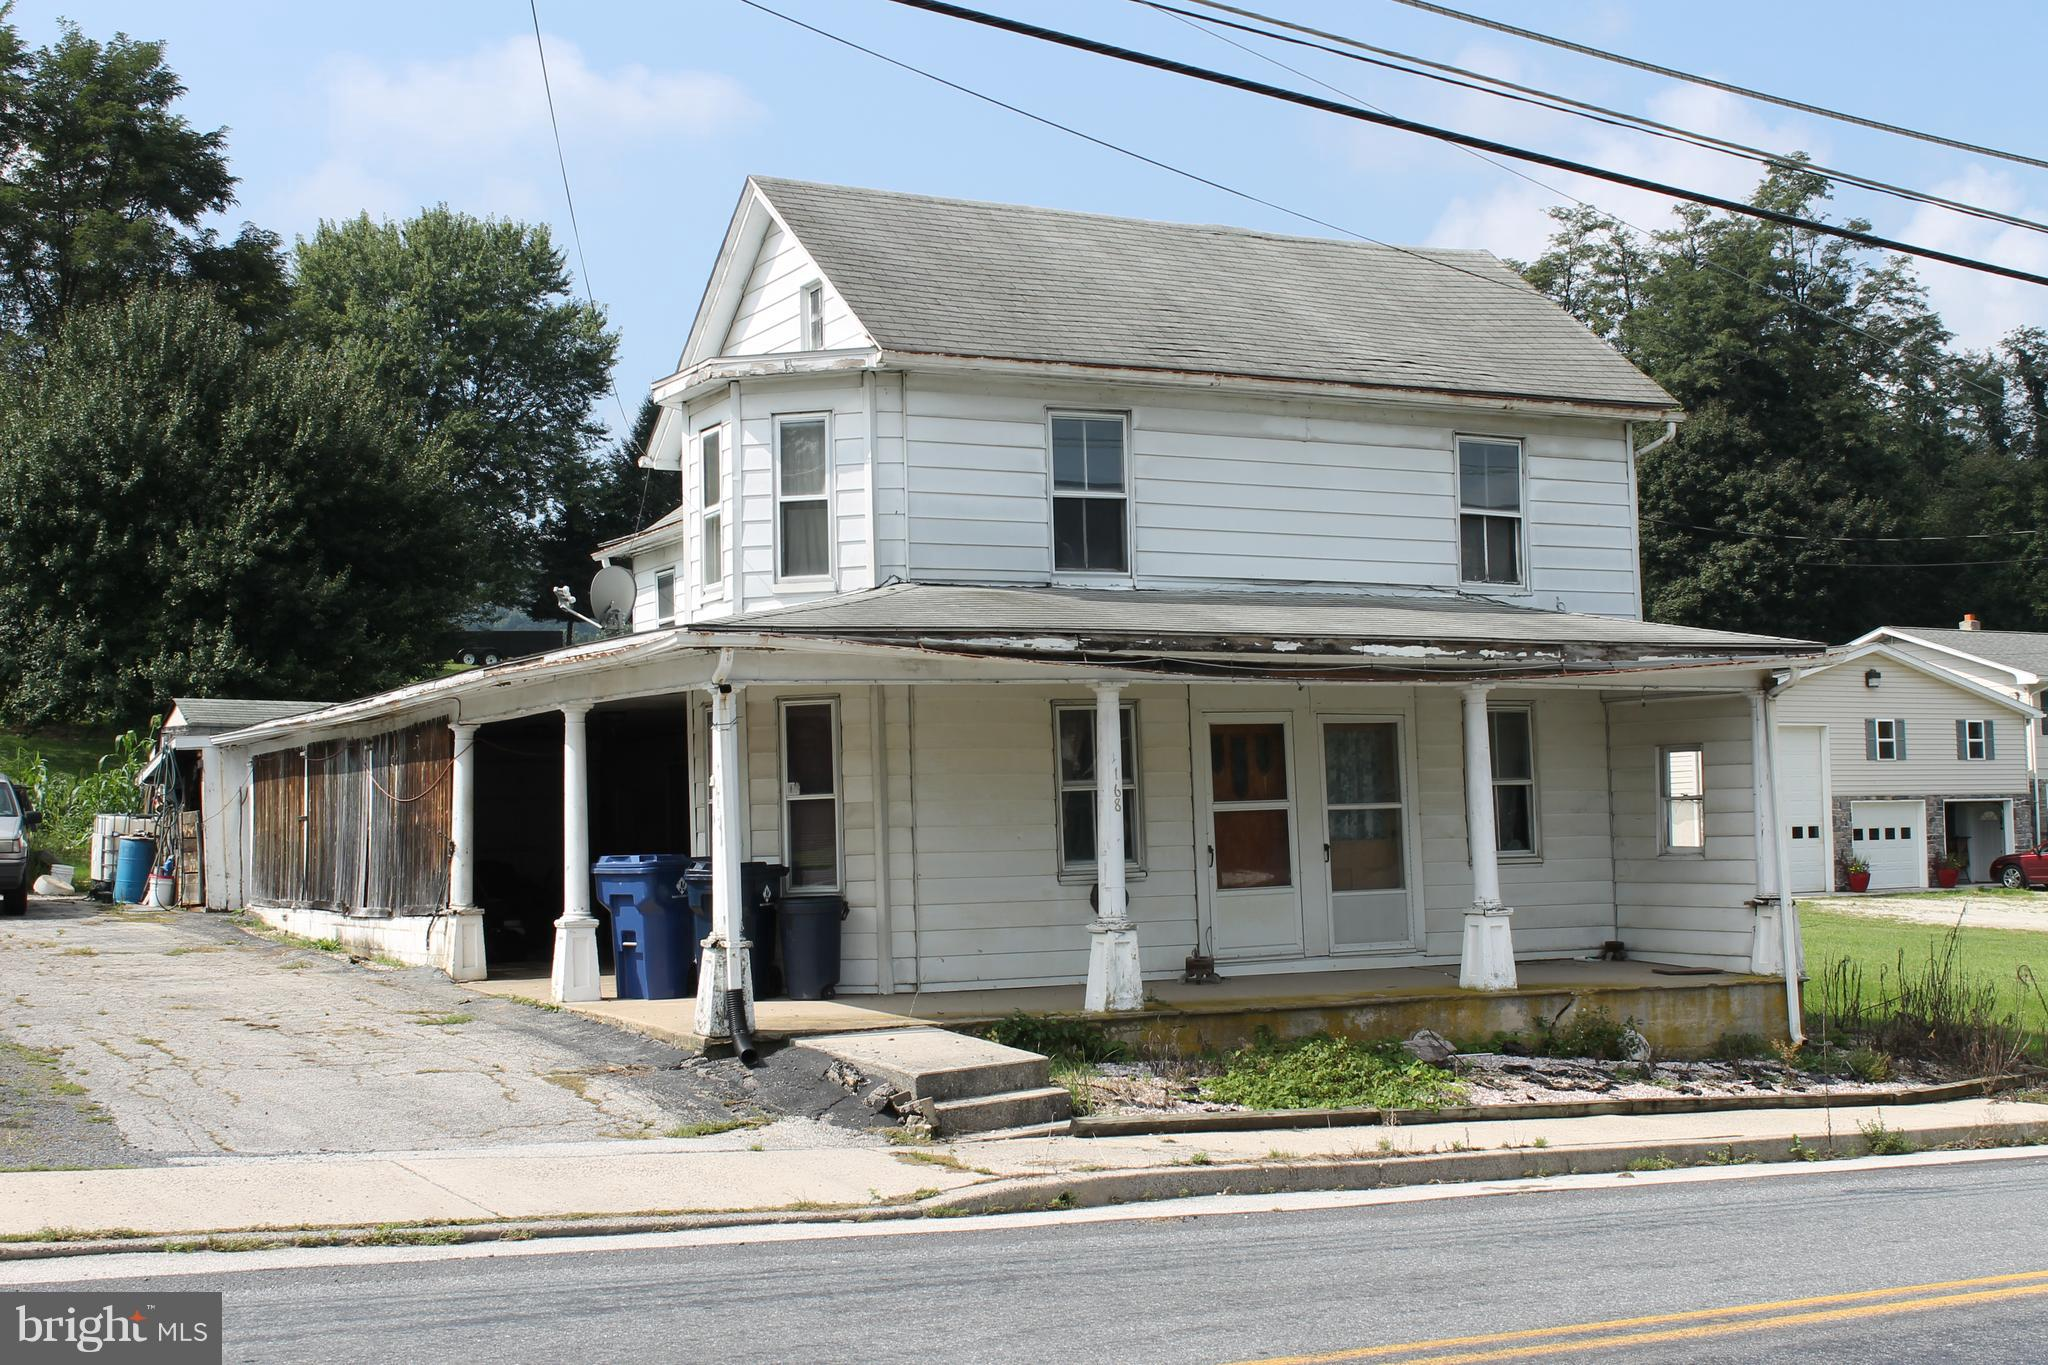 168 N MAIN STREET, BENDERSVILLE, PA 17306